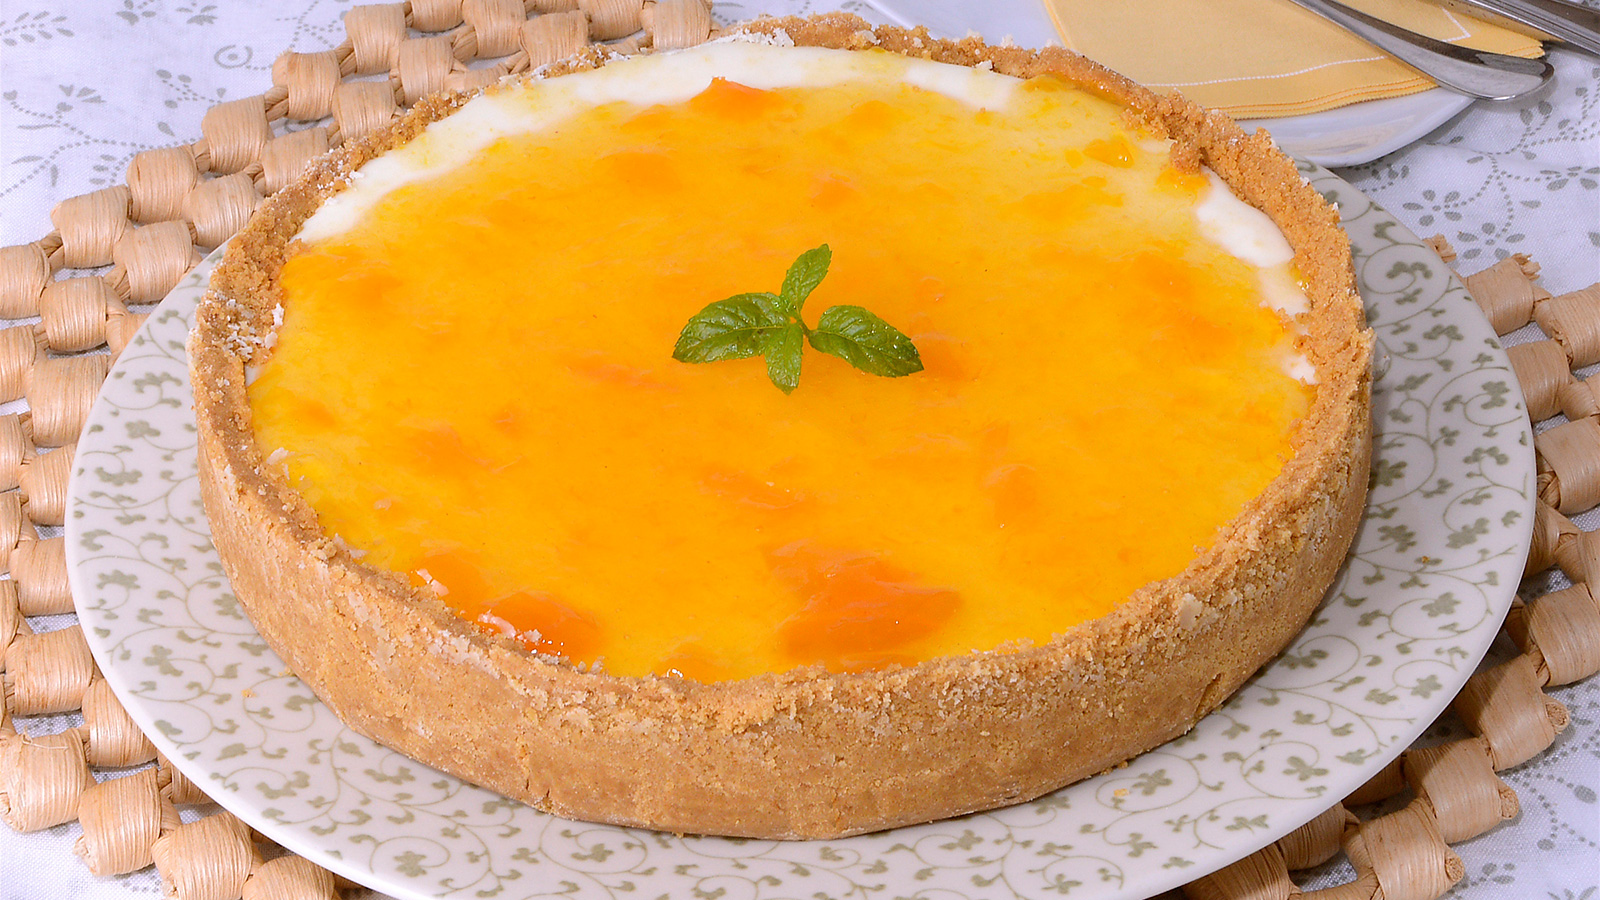 Tarta de reques n amanda laporte receta canal cocina for Chema de isidro canal cocina